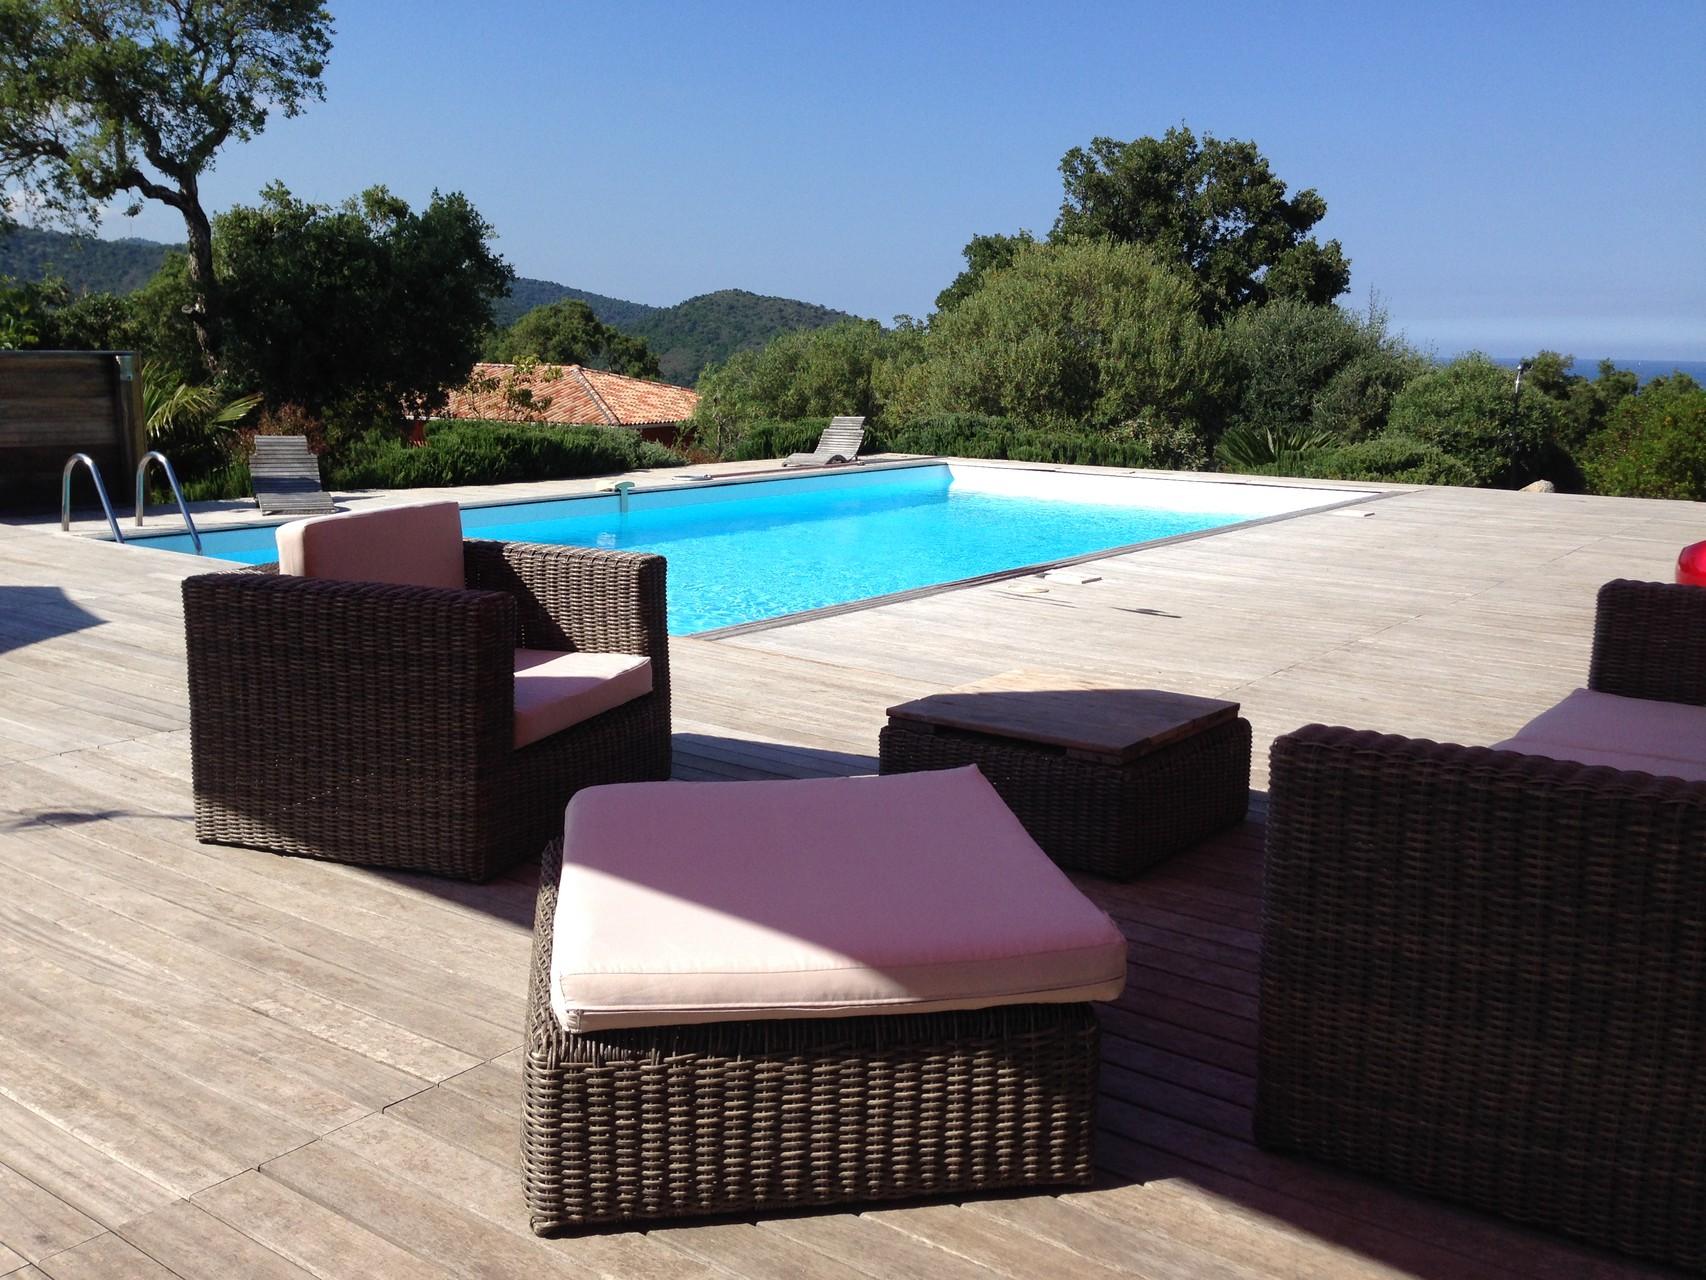 Location villa corse du sud avec piscine chauff e spa - Location villa avec piscine corse ...